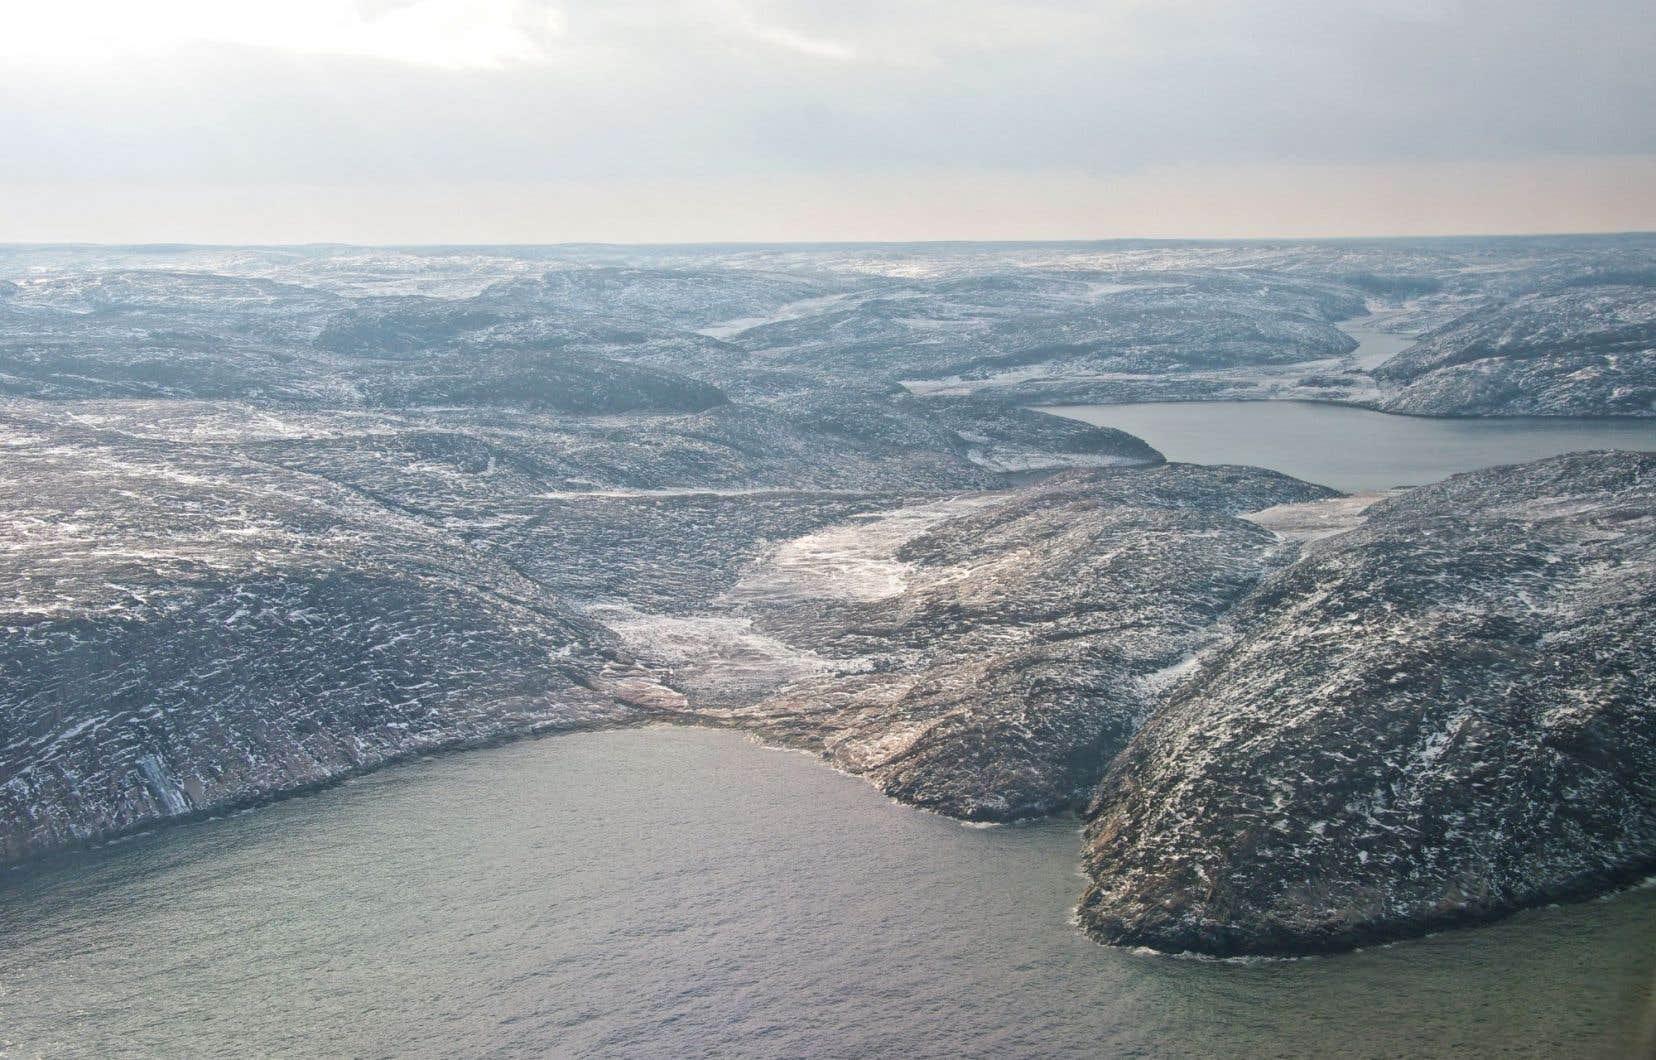 Fixée sur le rivage de la baie d'Hudson, la frontière québécoise évolue avec les marées. Les infrastructures érigées au bout de la terre ferme seraient par moments du ressort du Québec, par moments de celui du Nunavut.